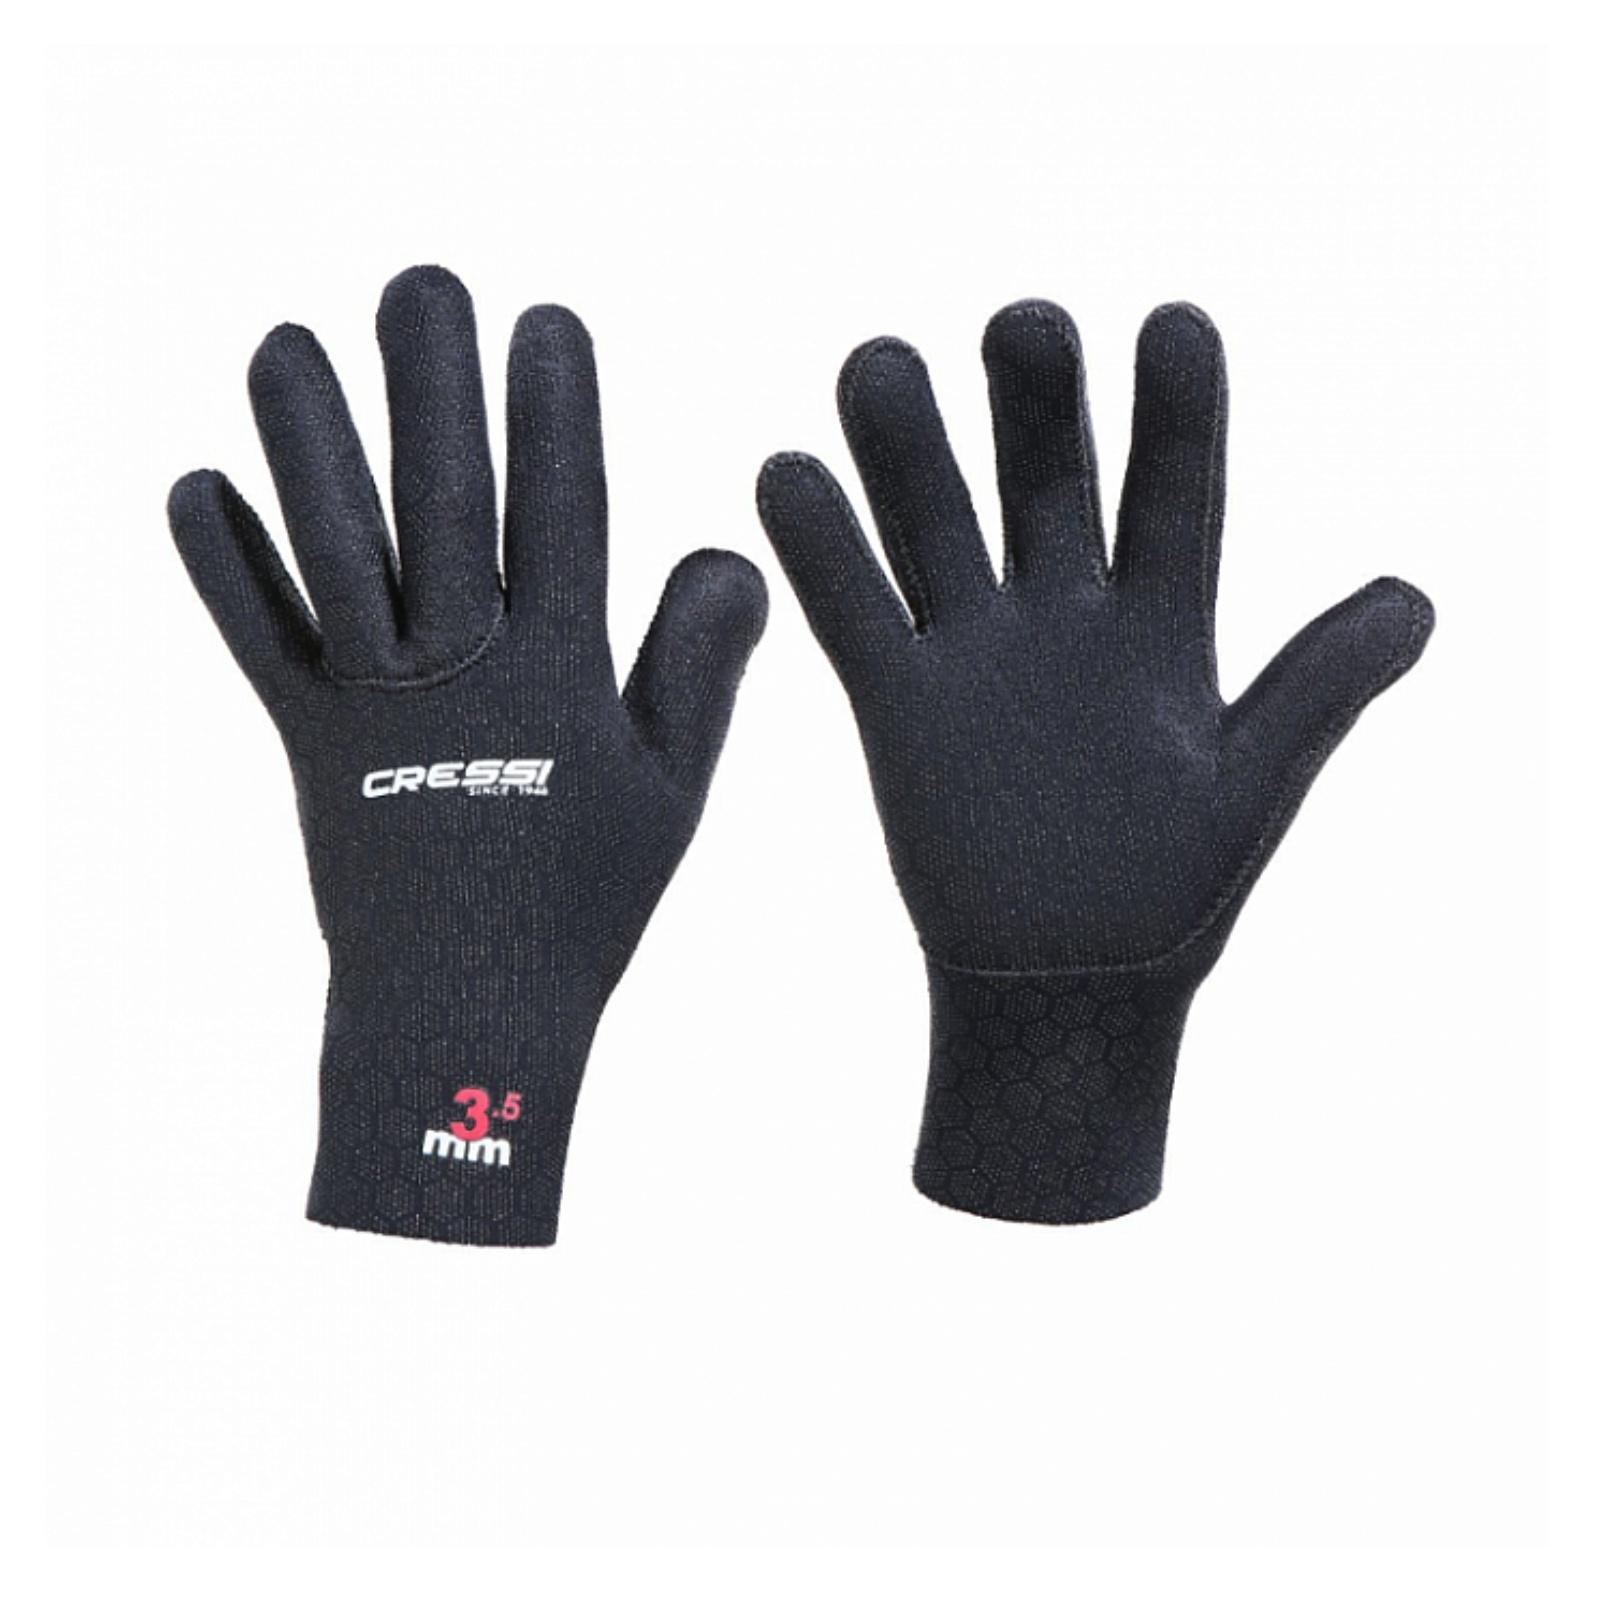 Neoprenové rukavice CRESSI 3,5 mm